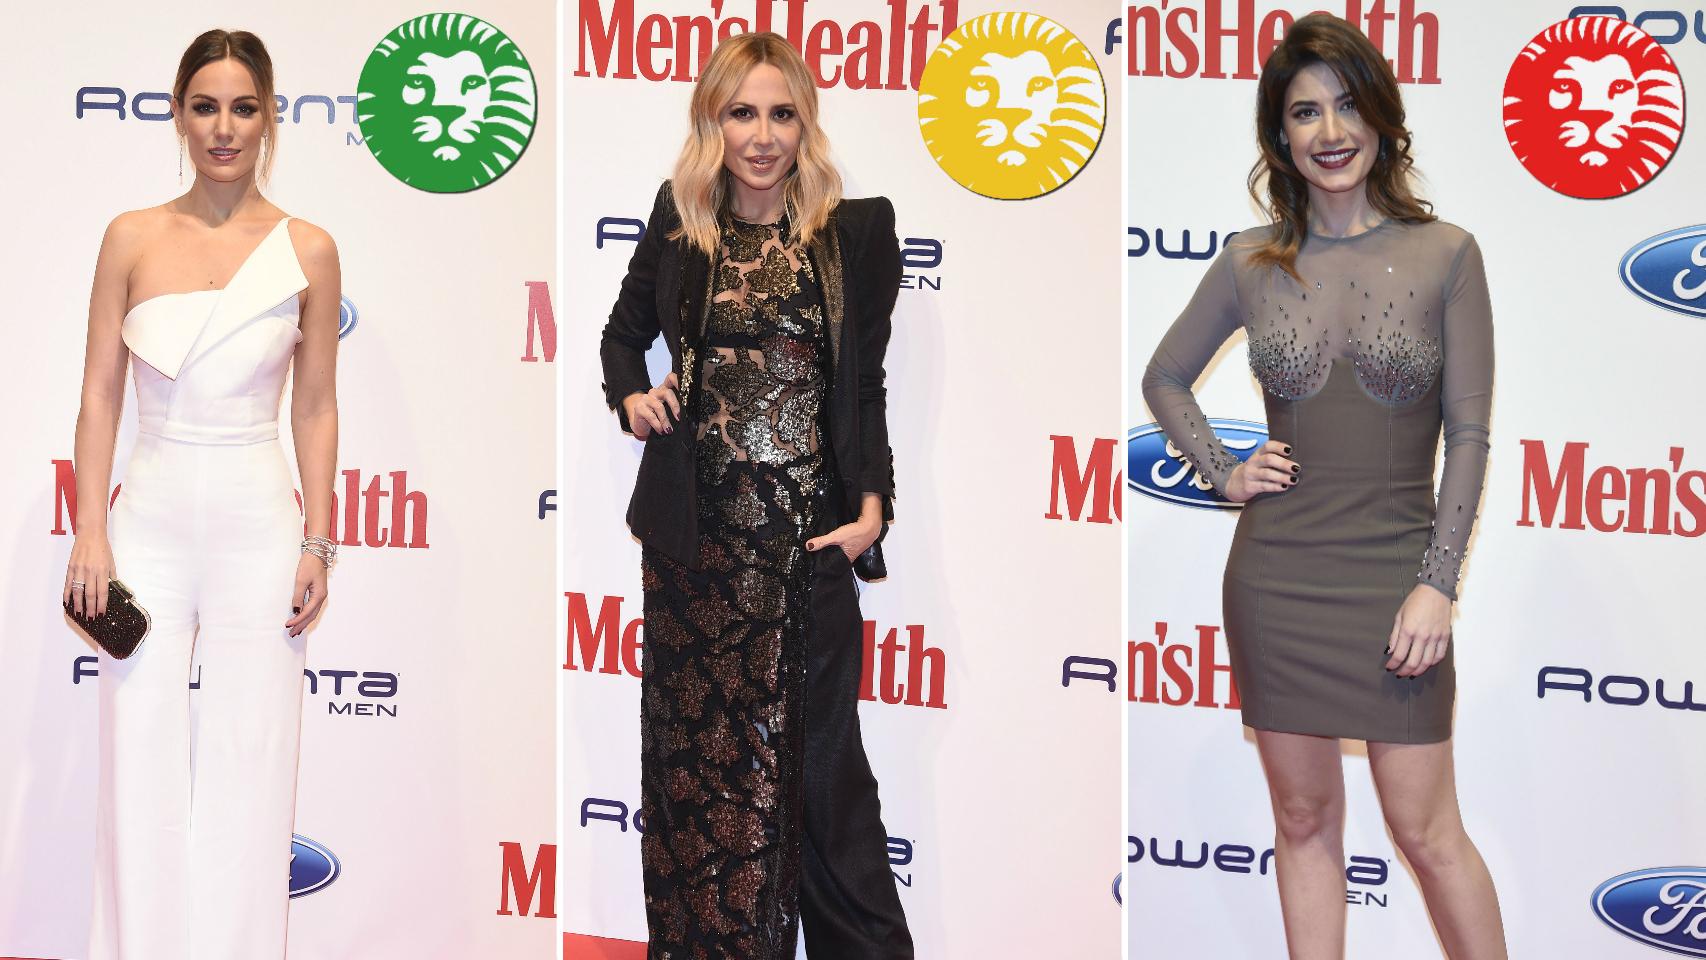 Las estrellas y estrellados en los premios Men's Health